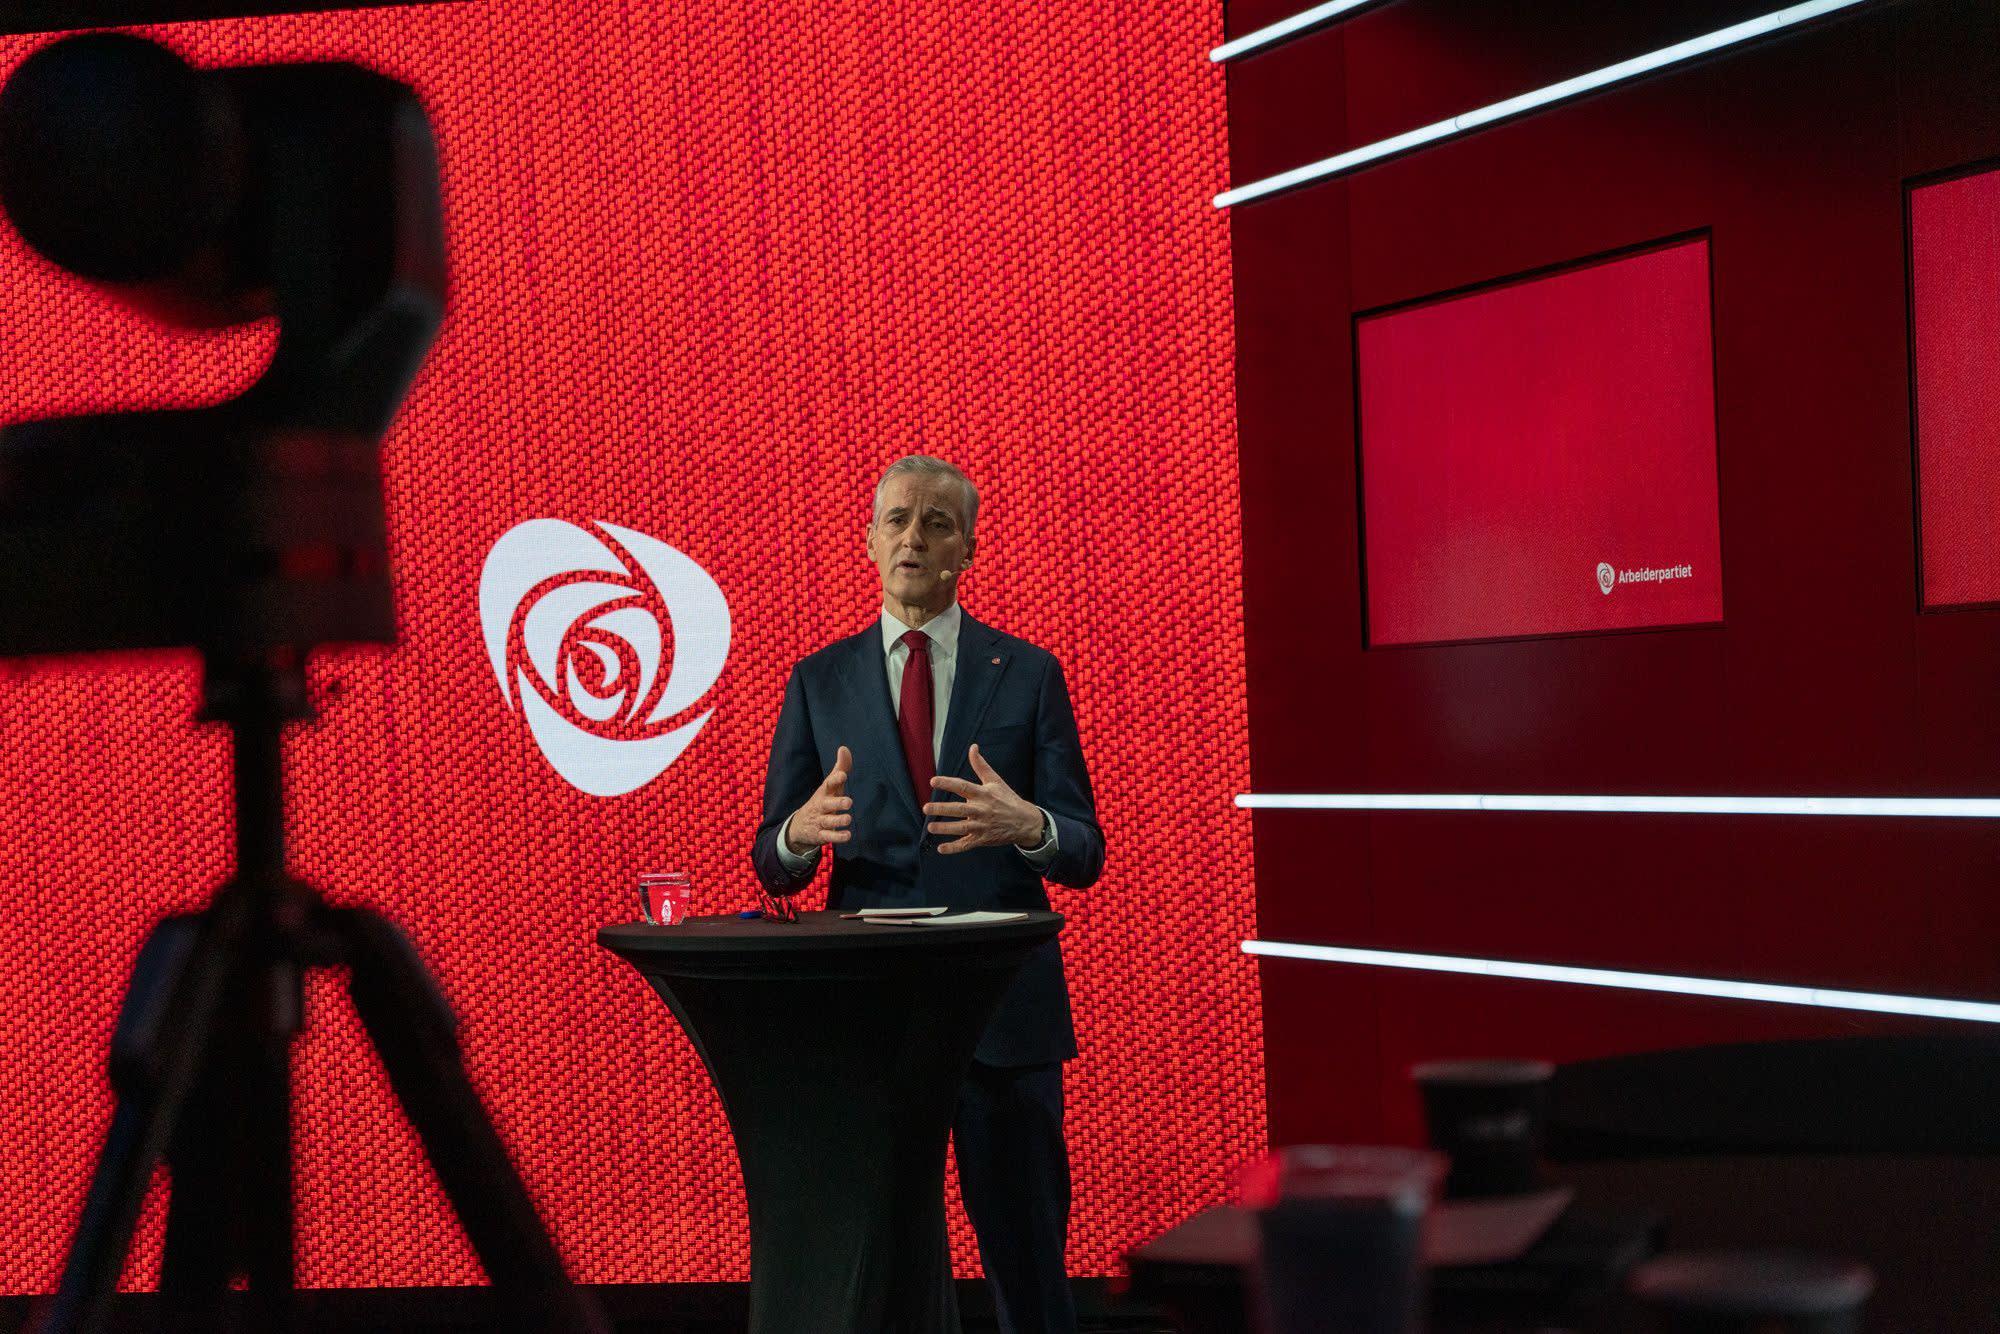 Jonas Gahr Støre bak ståbord foran rød vegg med Ap-rosen.